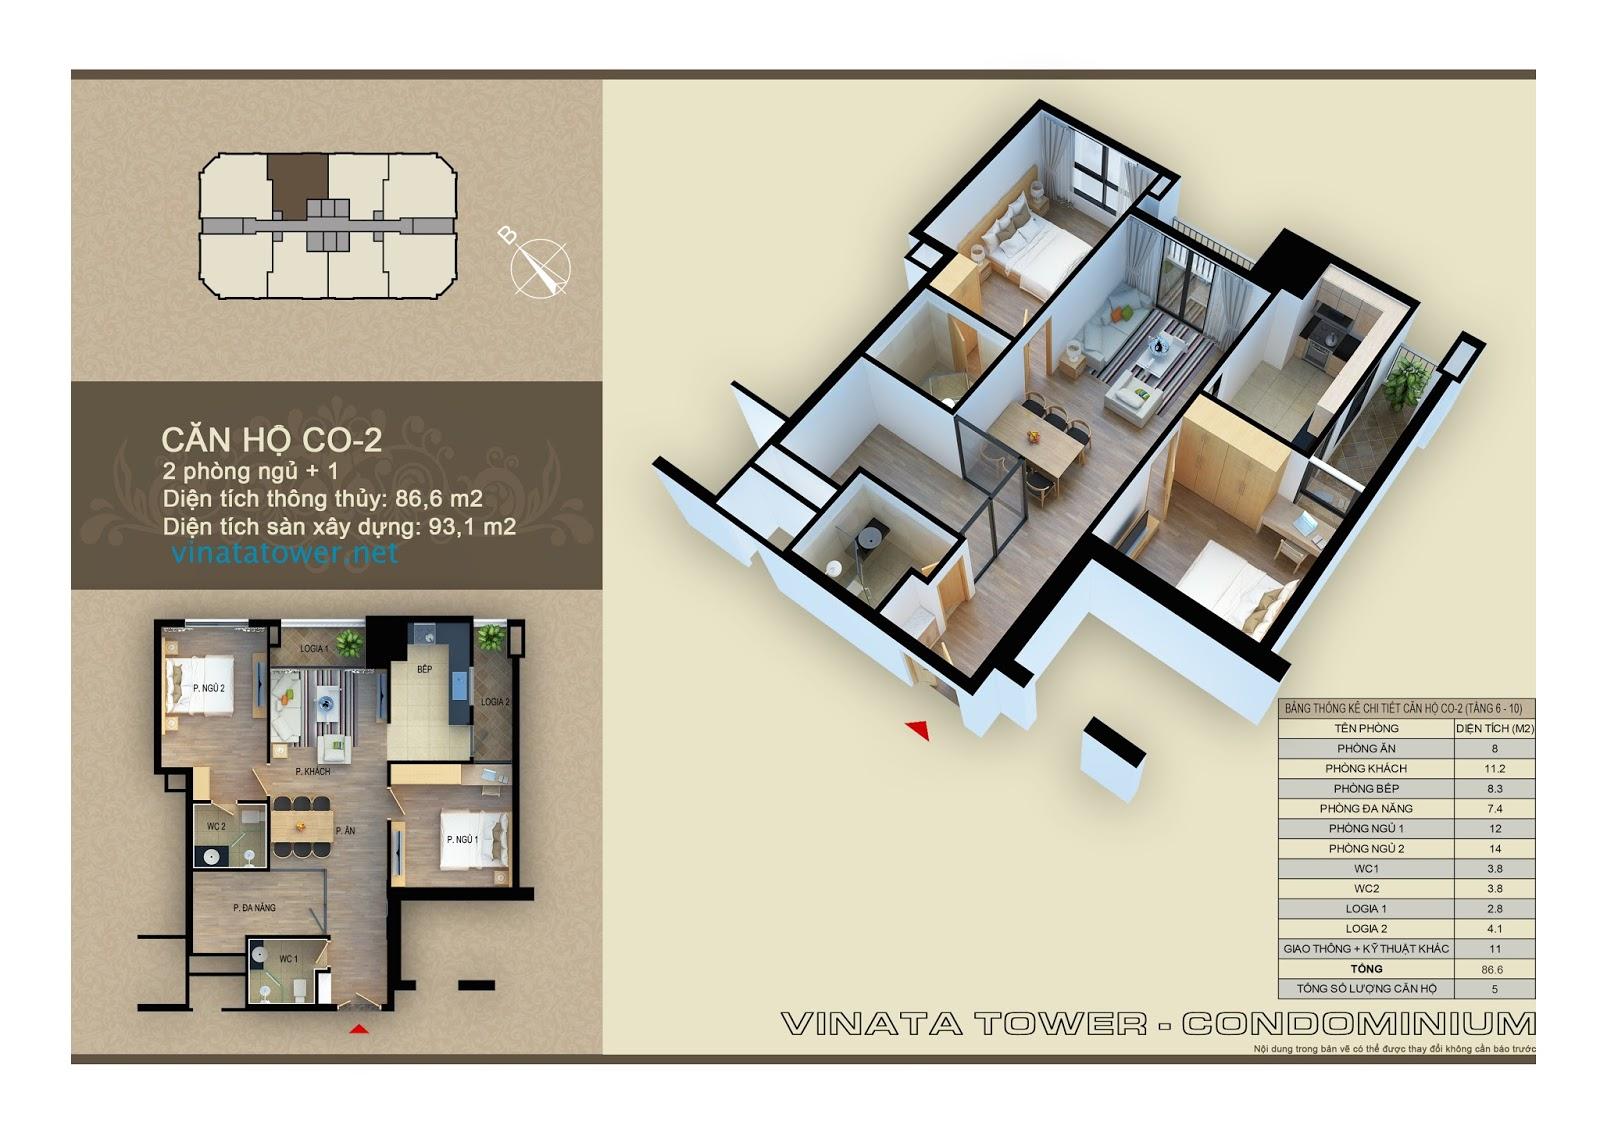 Thiết kế chi tiết căn 02 chung cư Vinata Towers: 2PN, 1 đa năng, 2VS